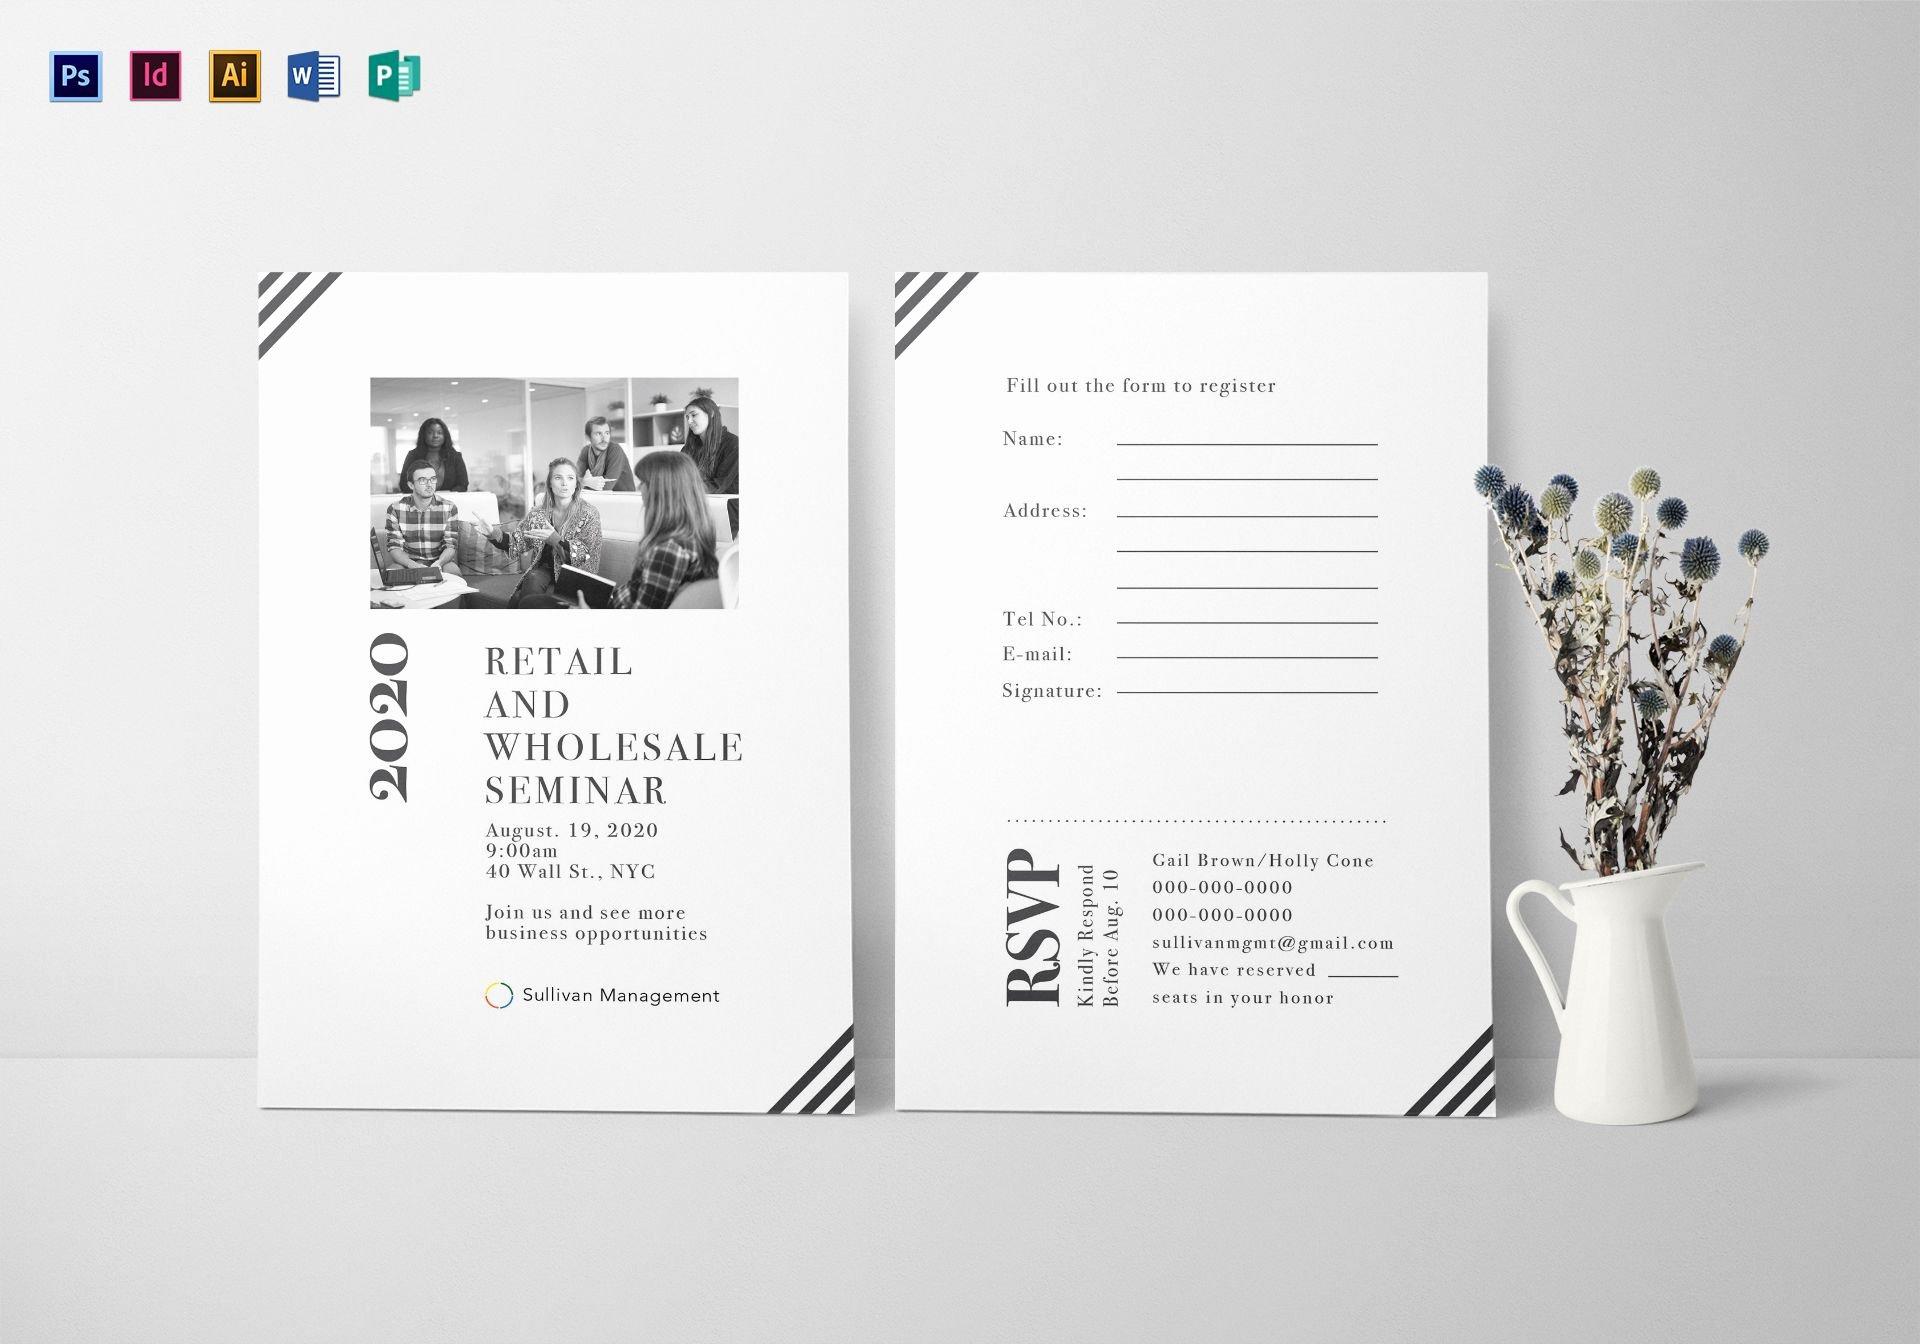 Seminar Invitation Templates New Seminar Invitation Card Design Template In Psd Word